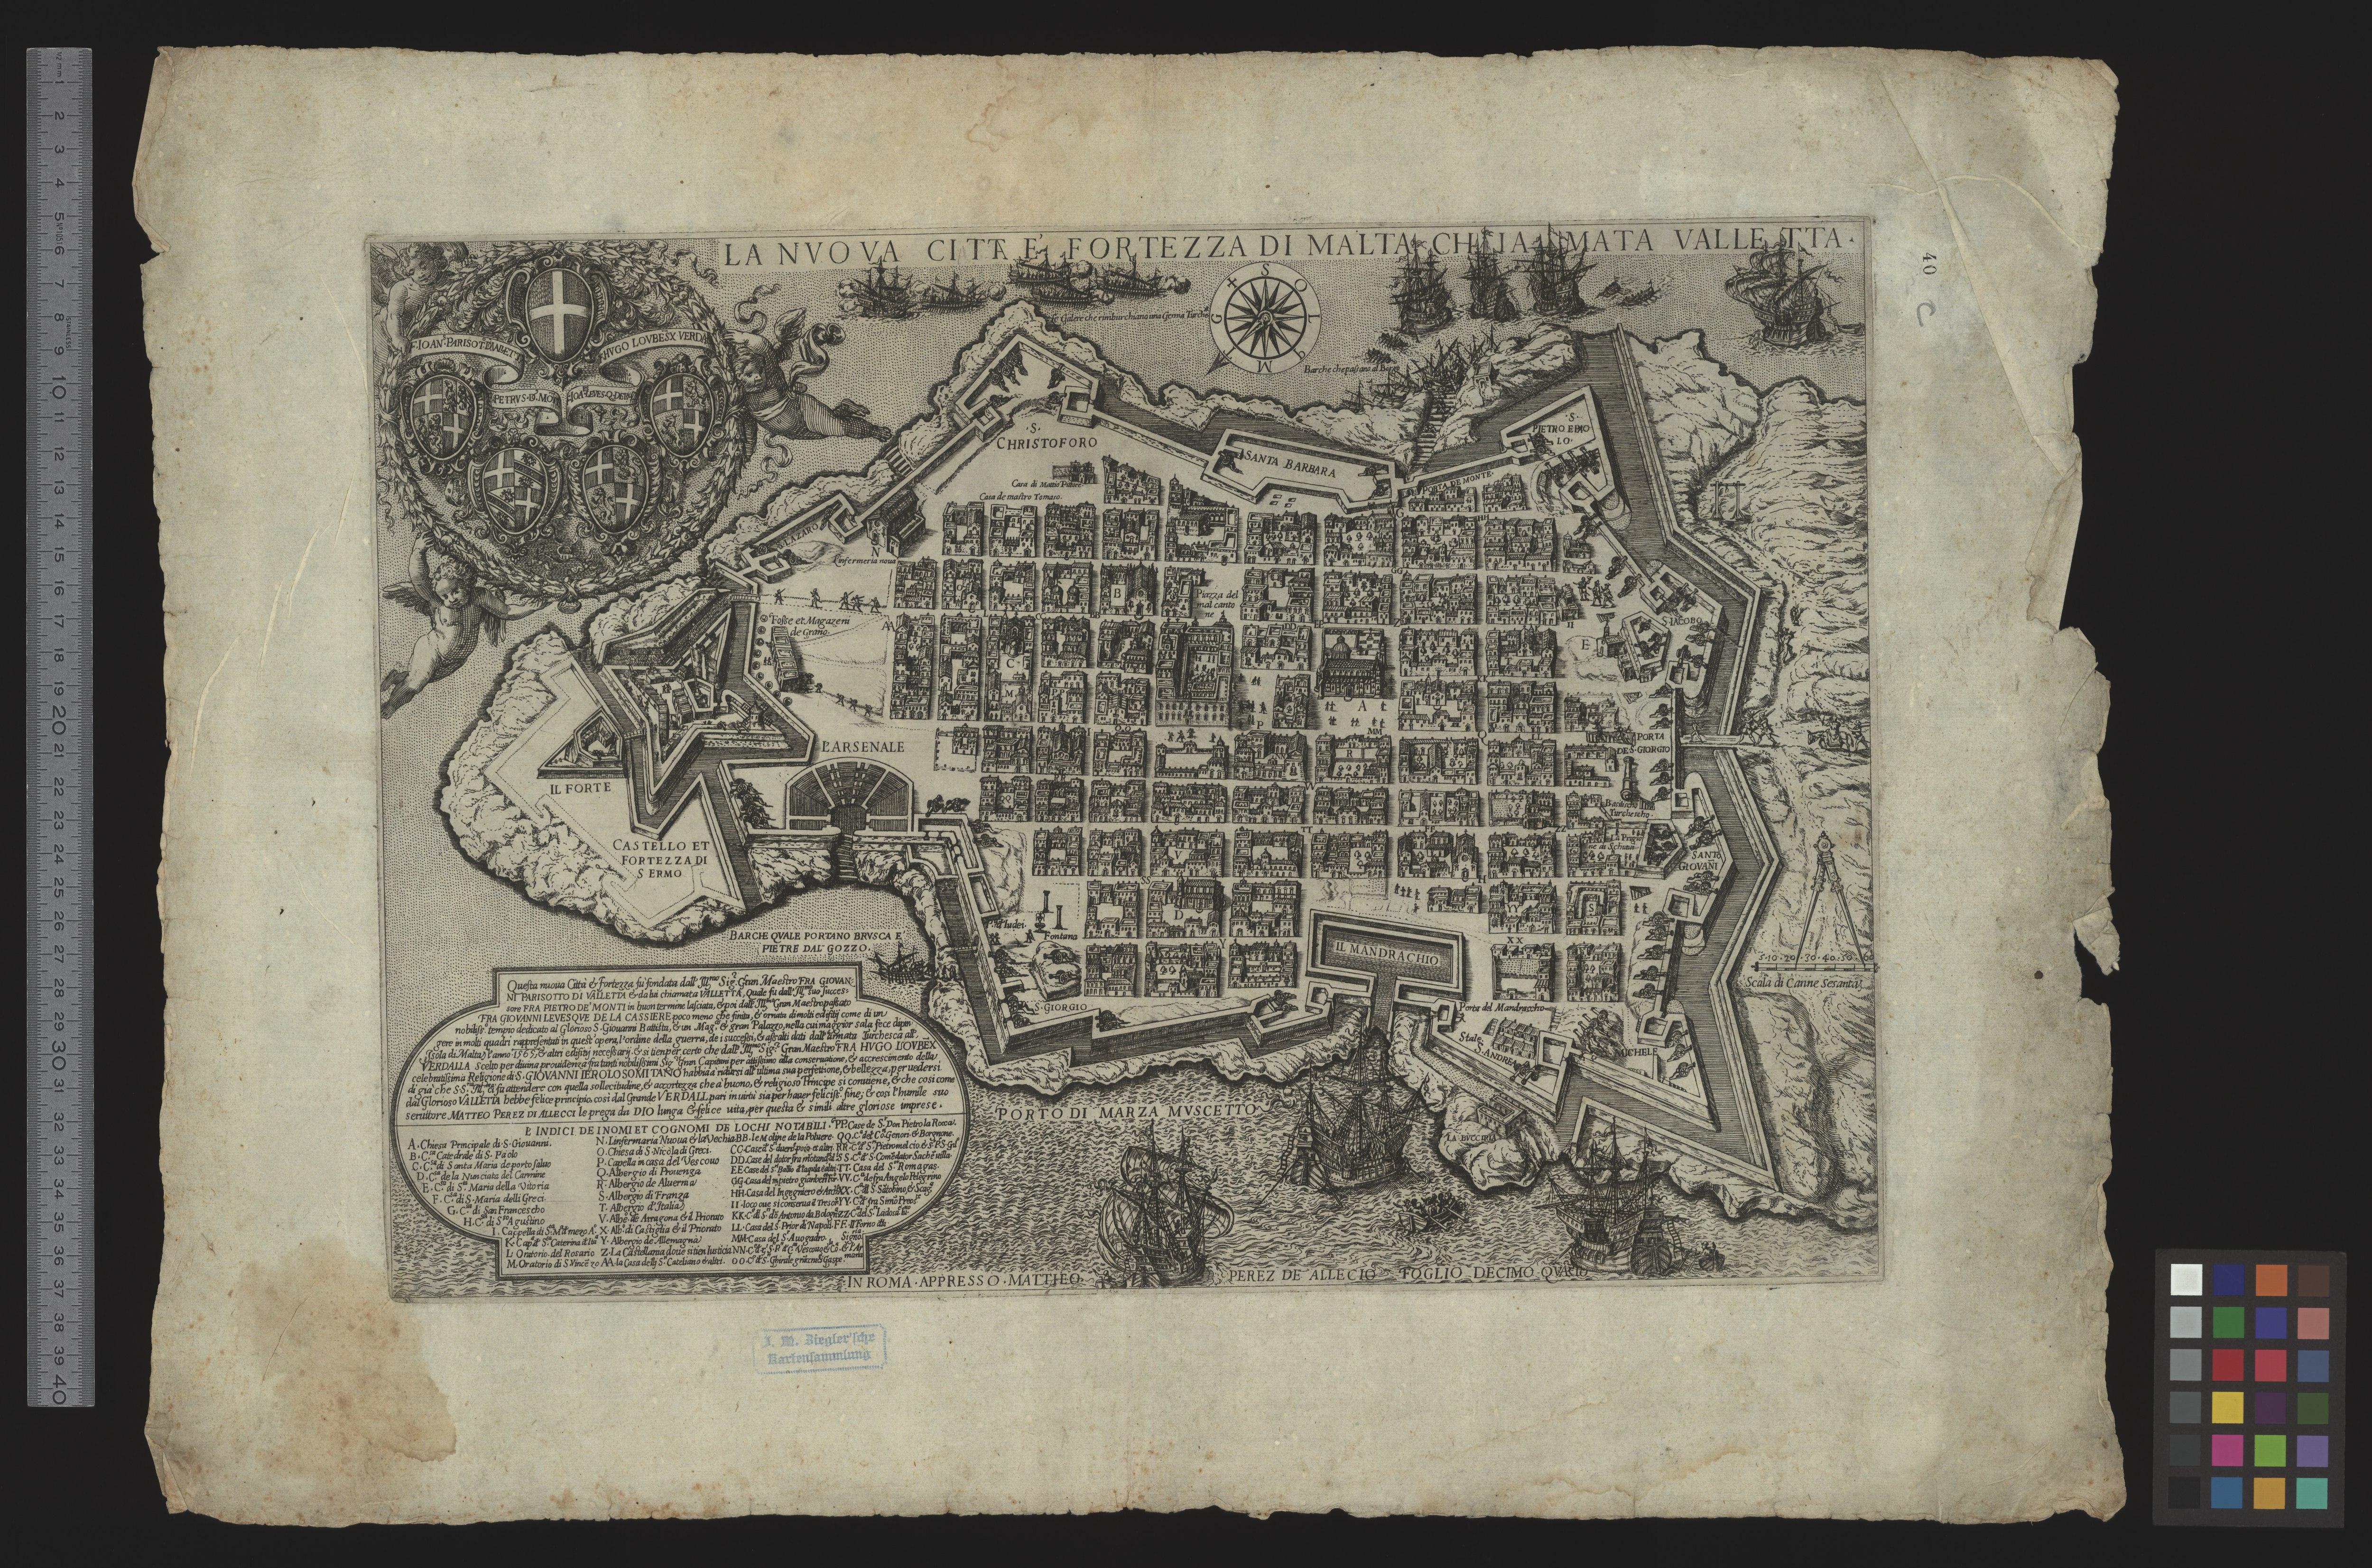 Das Jesuitenkolleg und die Kirche, wie auf einer Karte von Valletta dargestellt, c.  1600